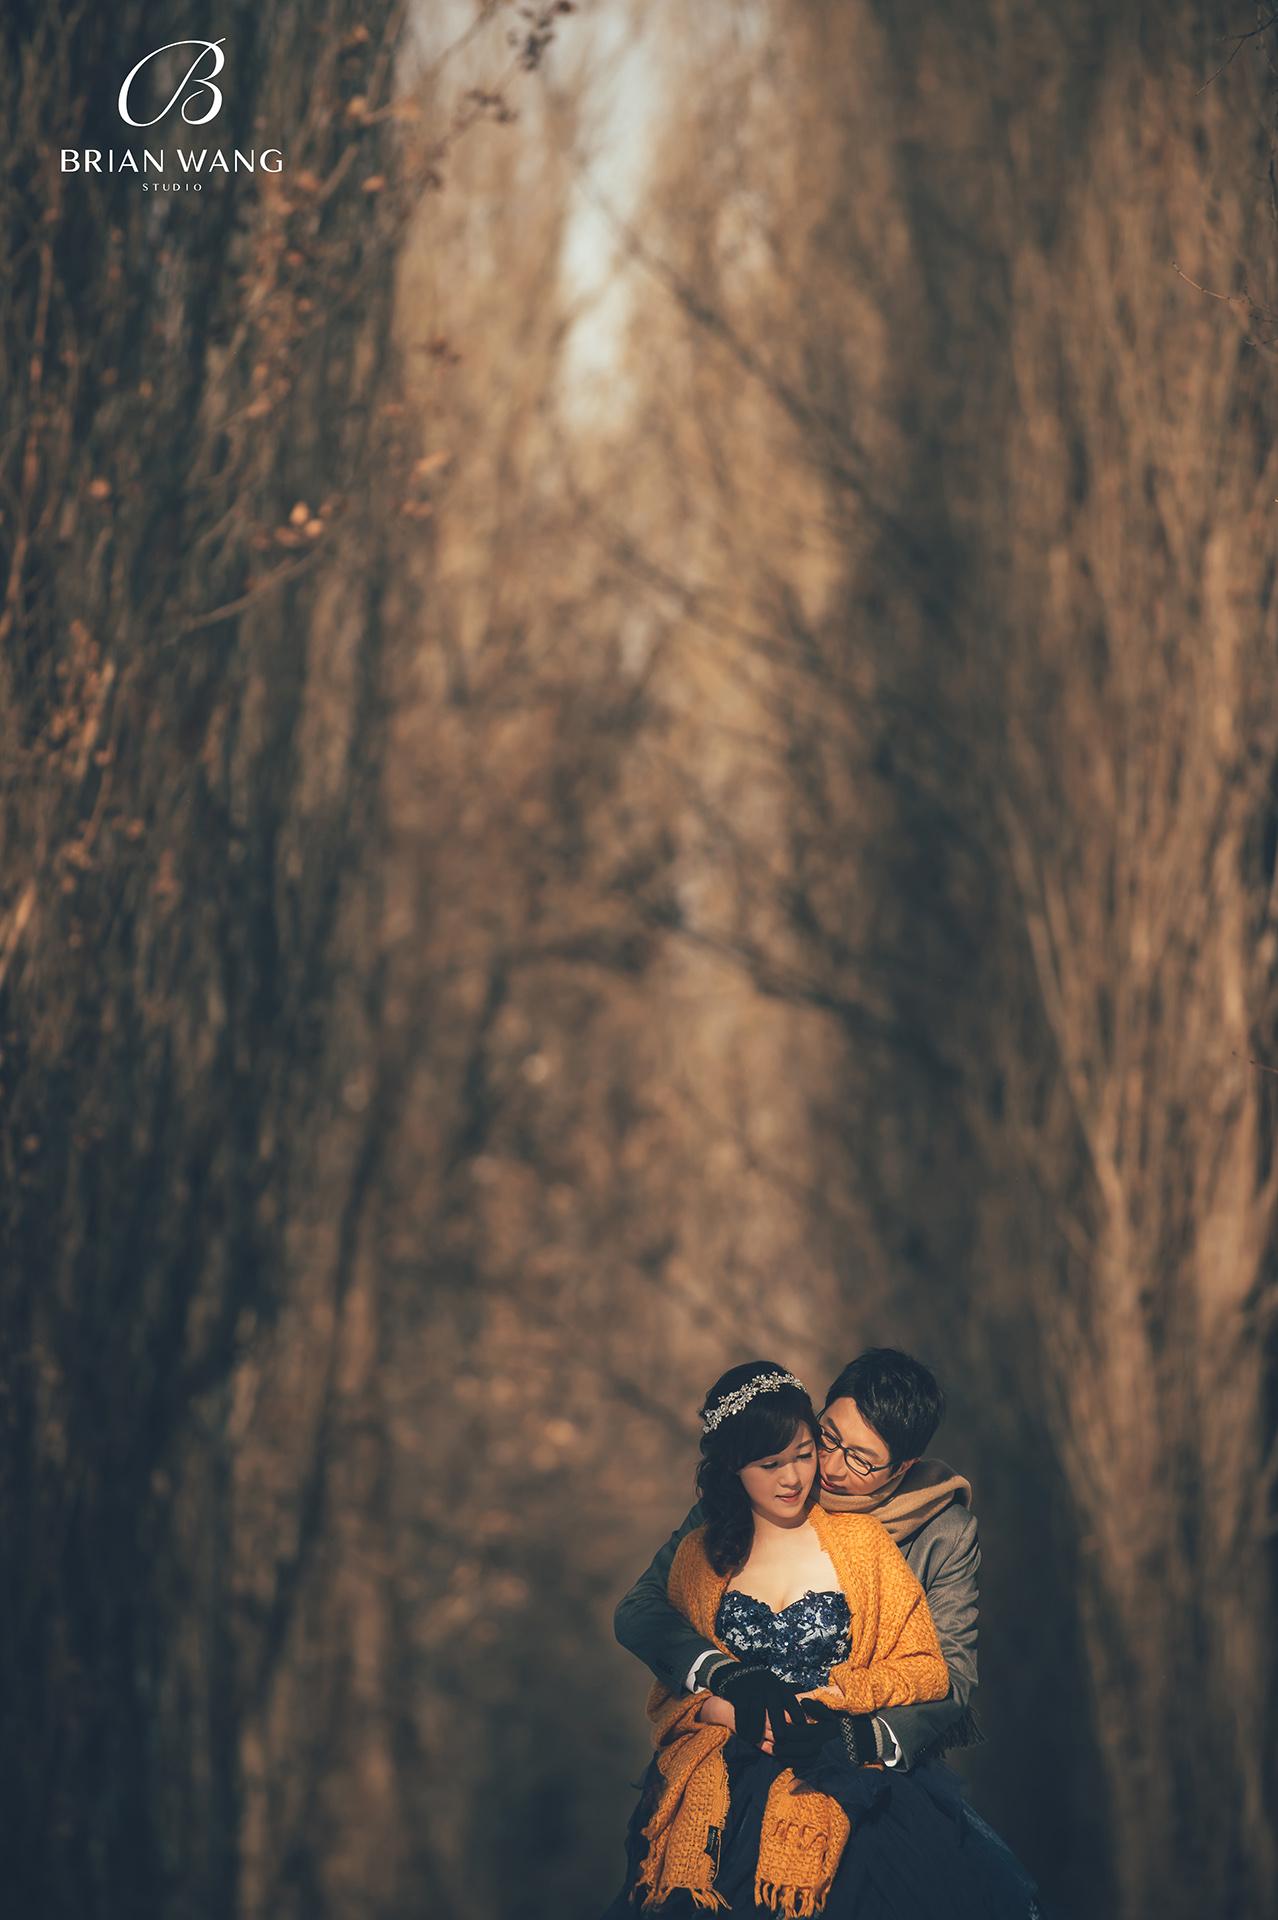 '北海道自助婚紗,北海道婚紗攝影,北海道雪景婚紗,海外婚紗價格,雪景婚紗,拍和服,北海道海外婚紗費用,伏見稻荷,札幌,1920BWS_7091'